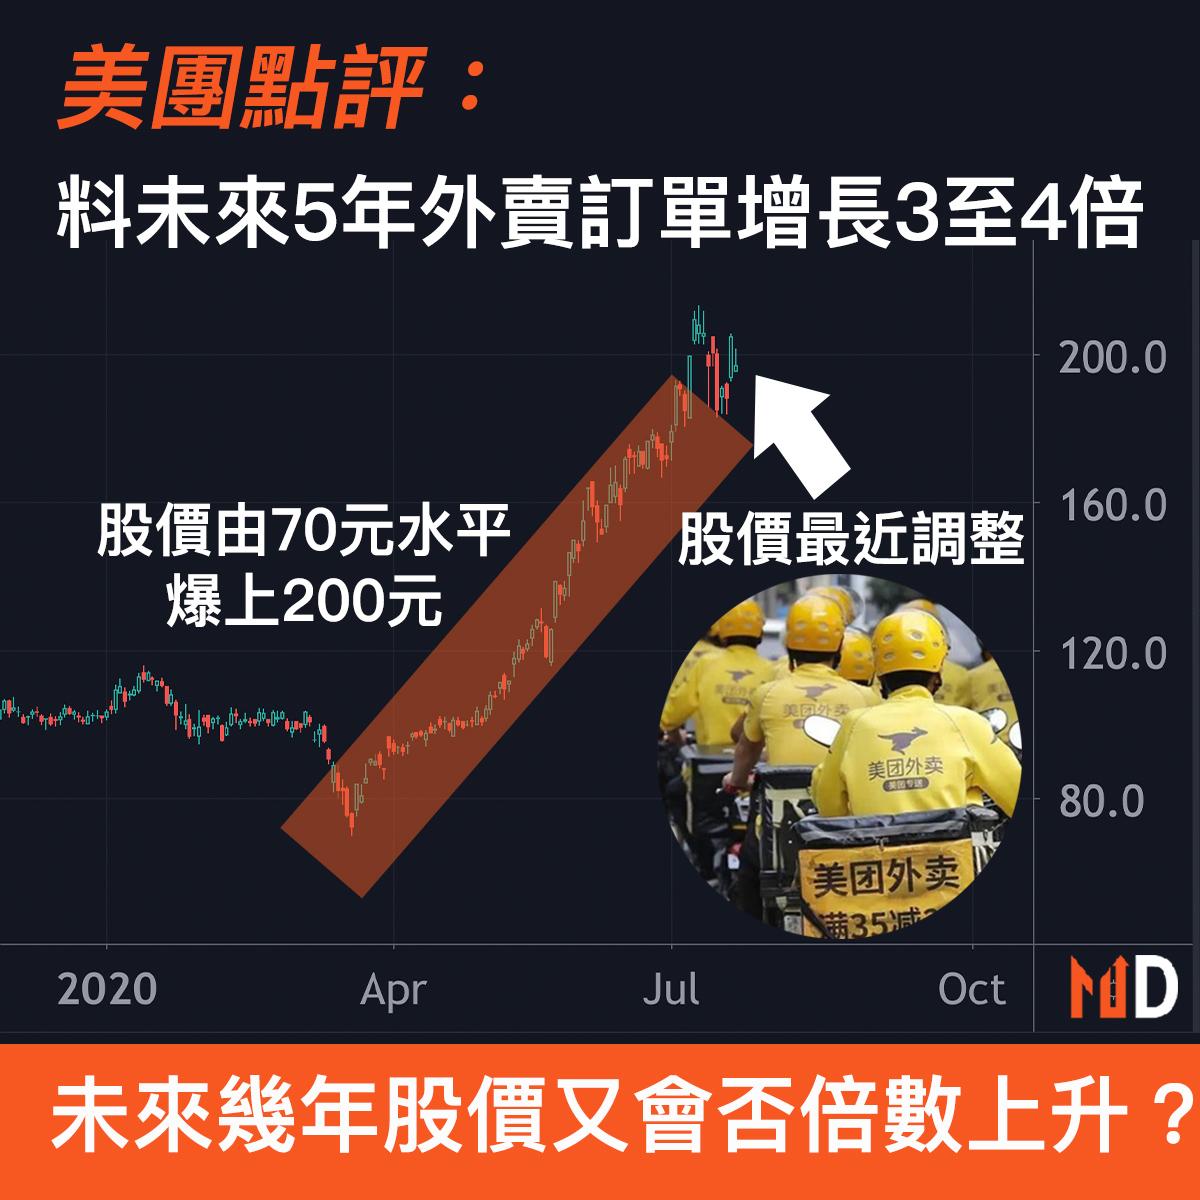 【圖解股市】美團料未來5年外賣訂單增長3至4倍